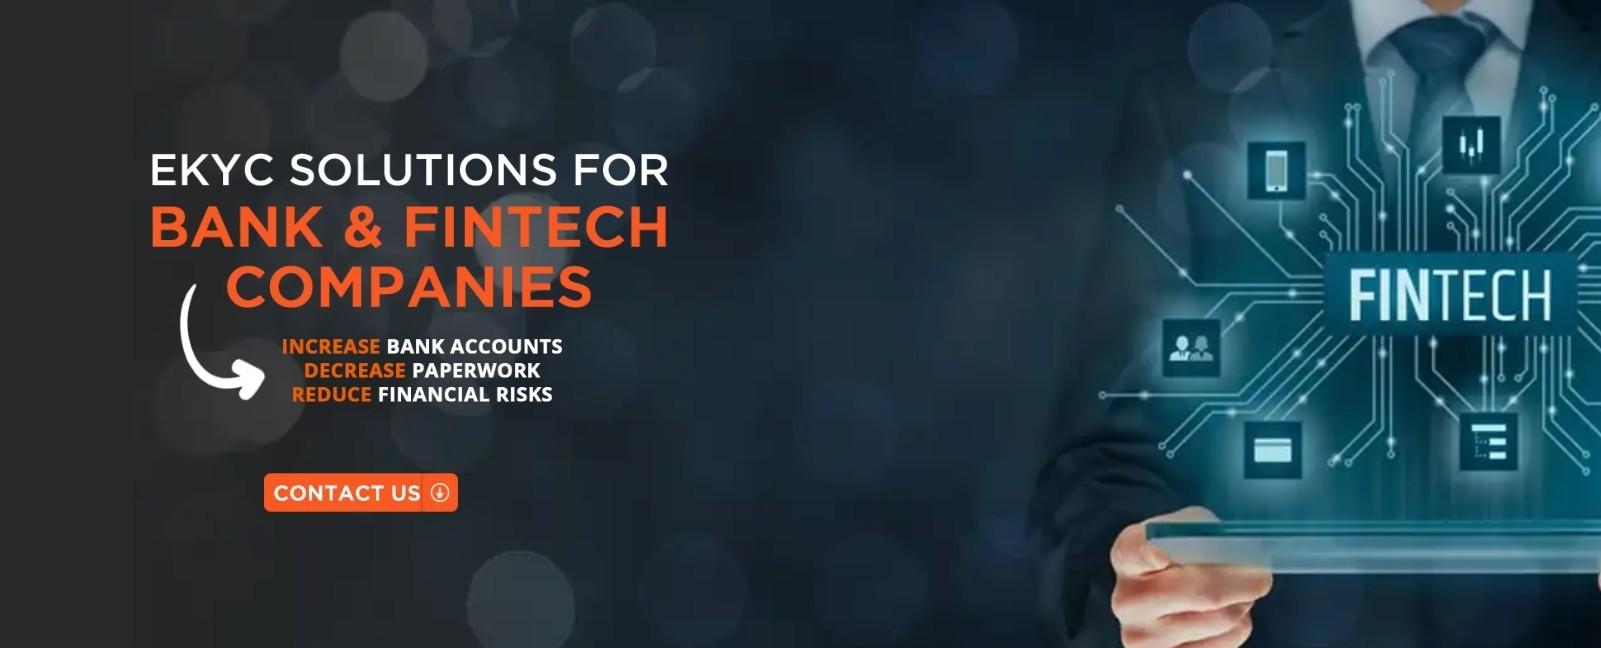 Fintech Vietnam Development Outsoucing  (@fintechvn) Cover Image